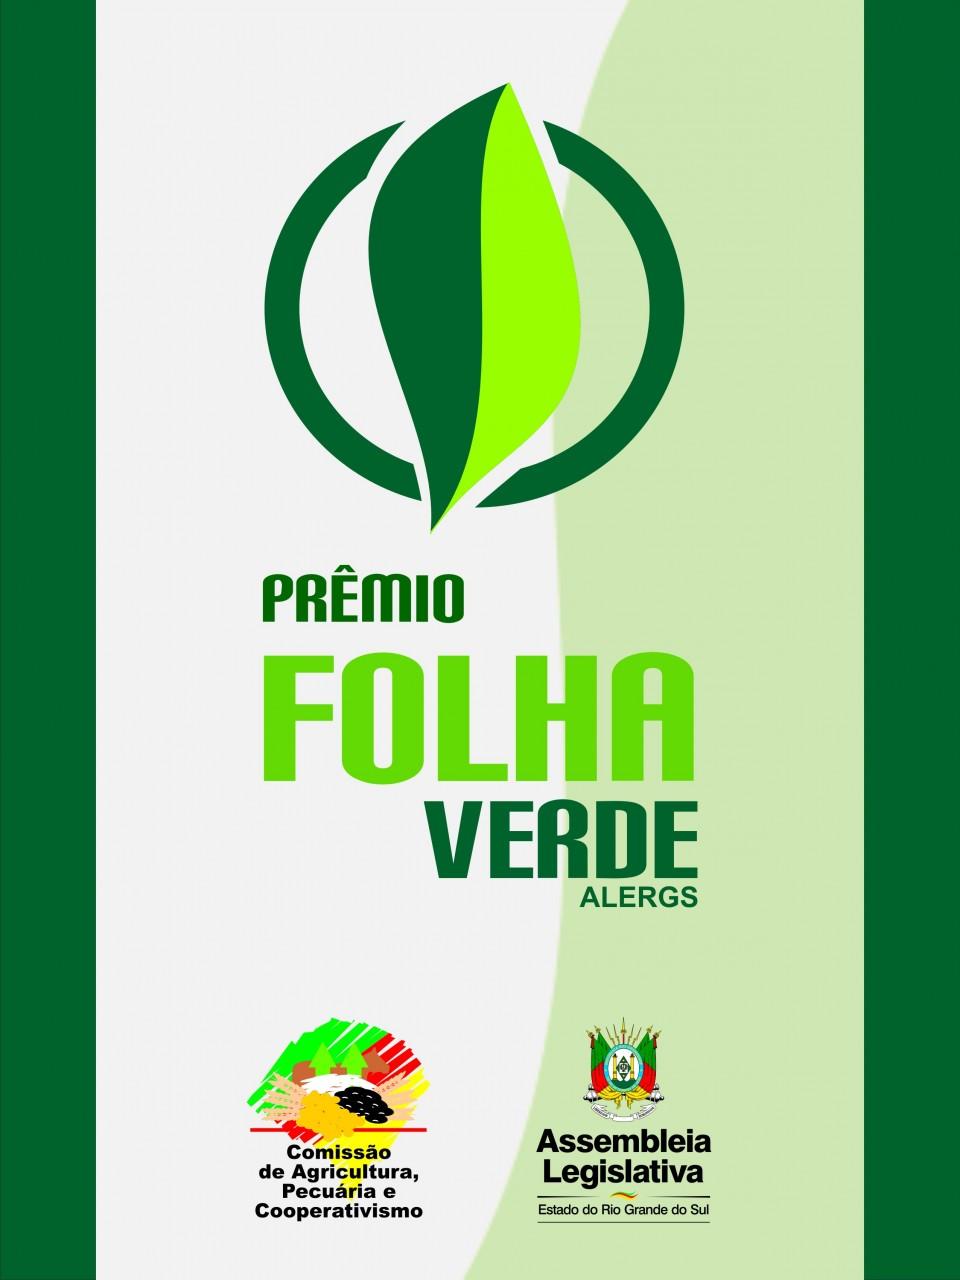 Santa Clara conquista o Prêmio Folha Verde 2019 | Blog Santa Clara